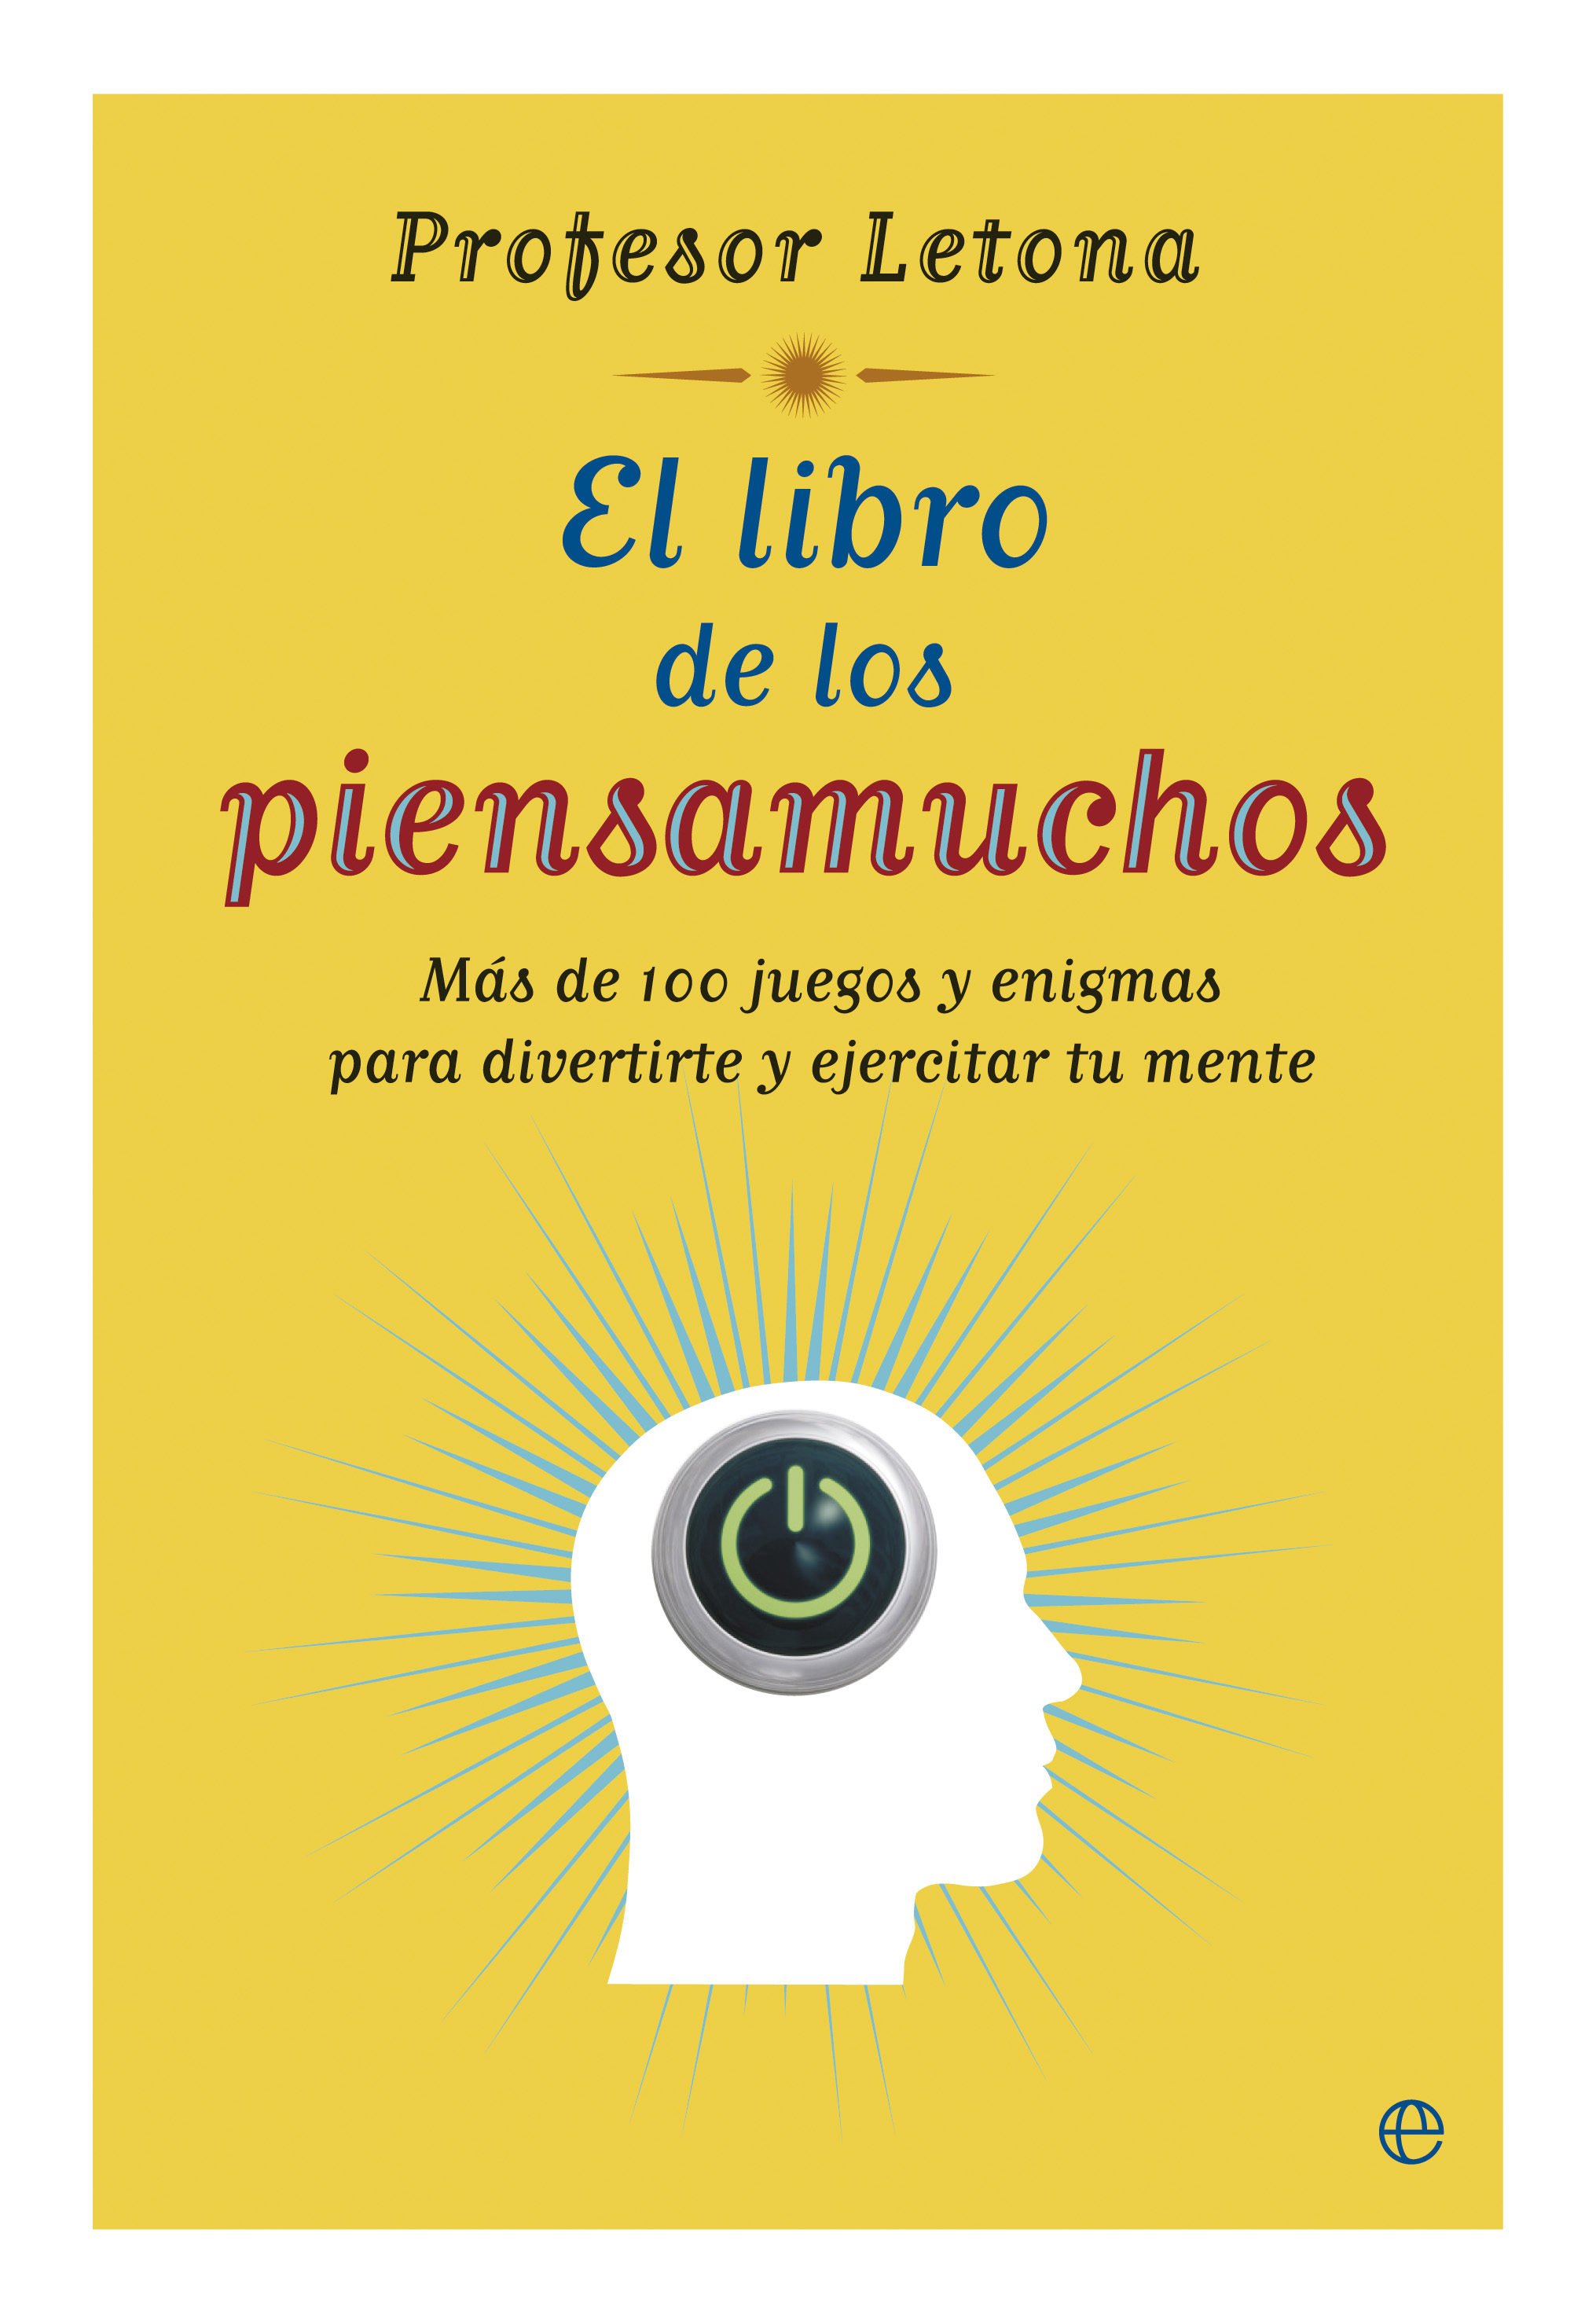 El libro de los piensamuchos ebook jose maria letona 9788499706672